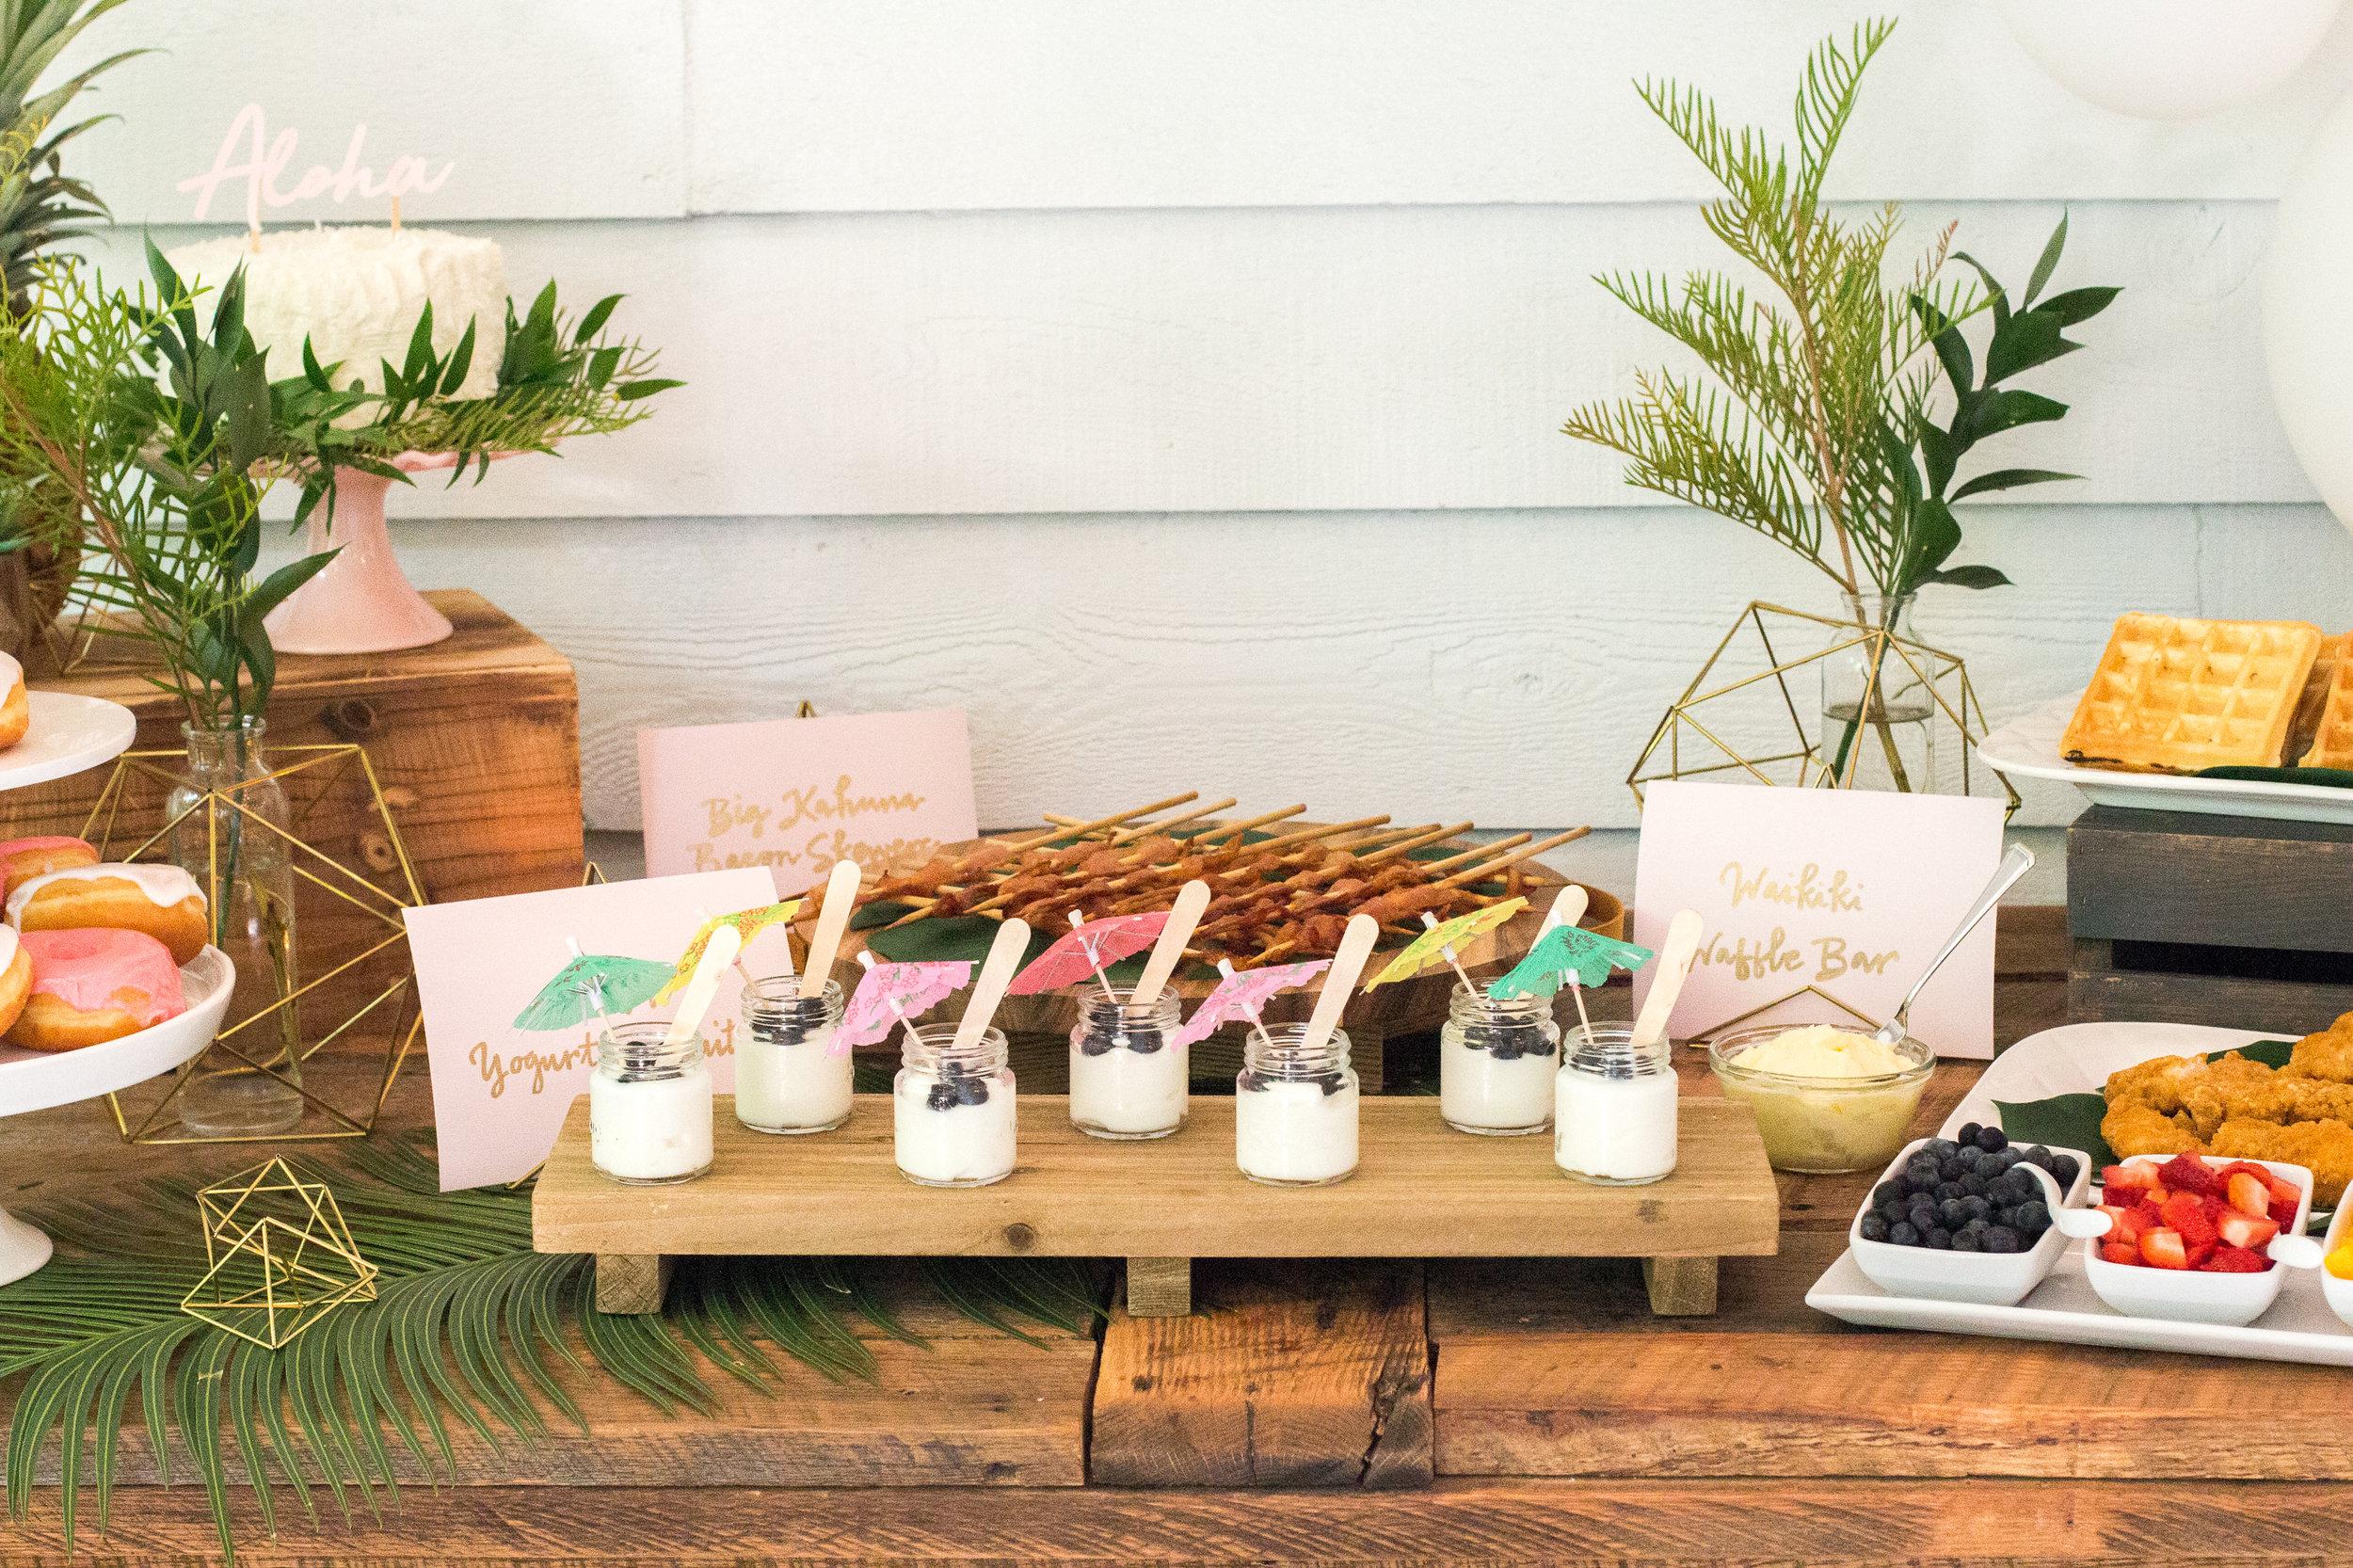 hawaiian-food-bar